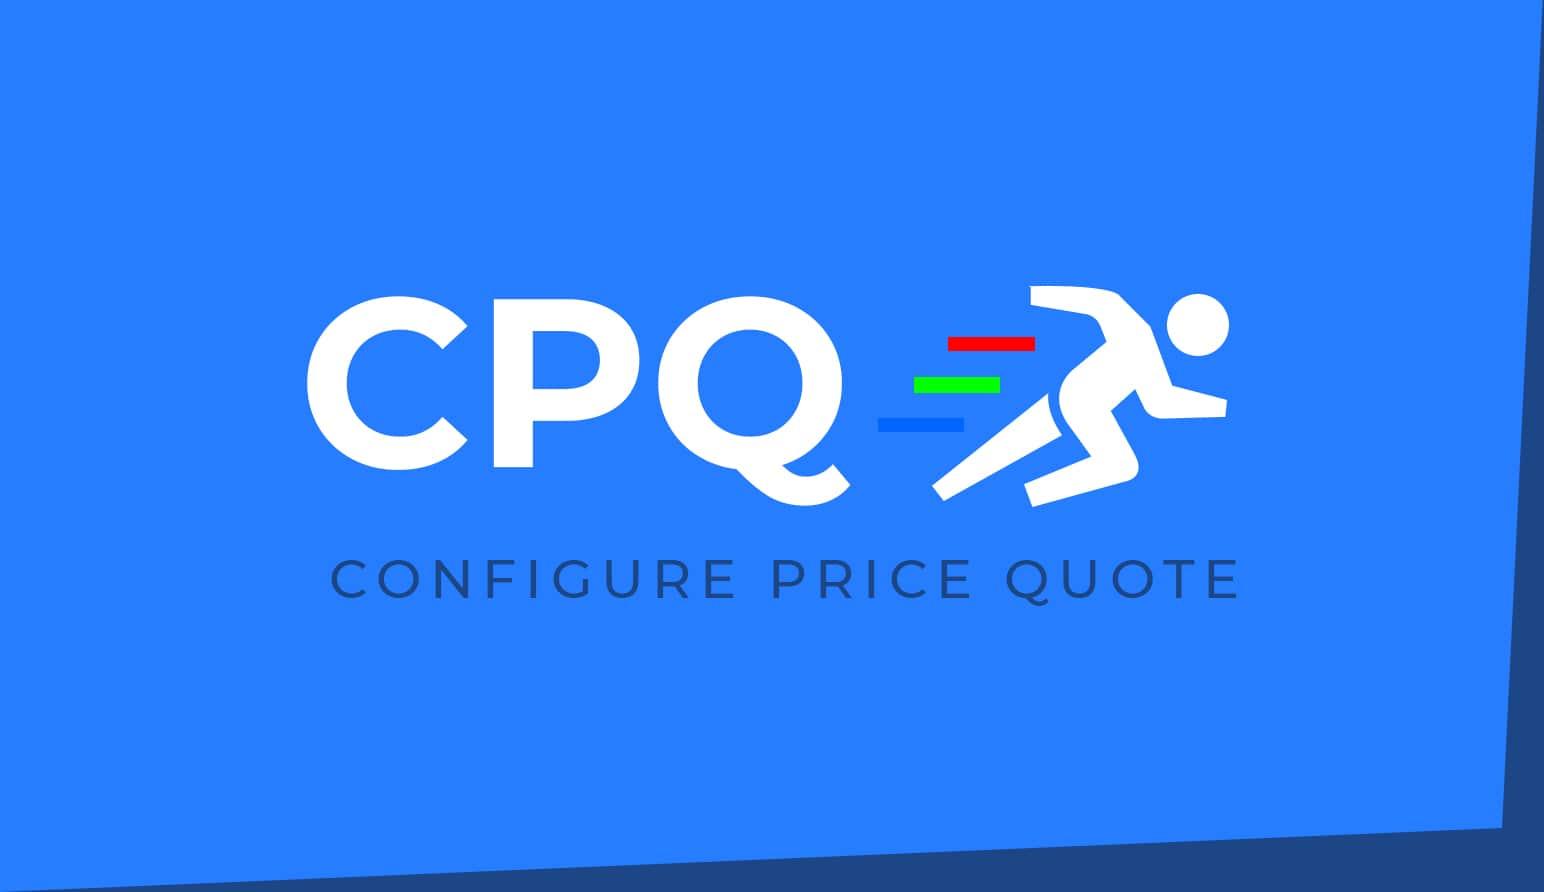 Configure Price Quote illustration